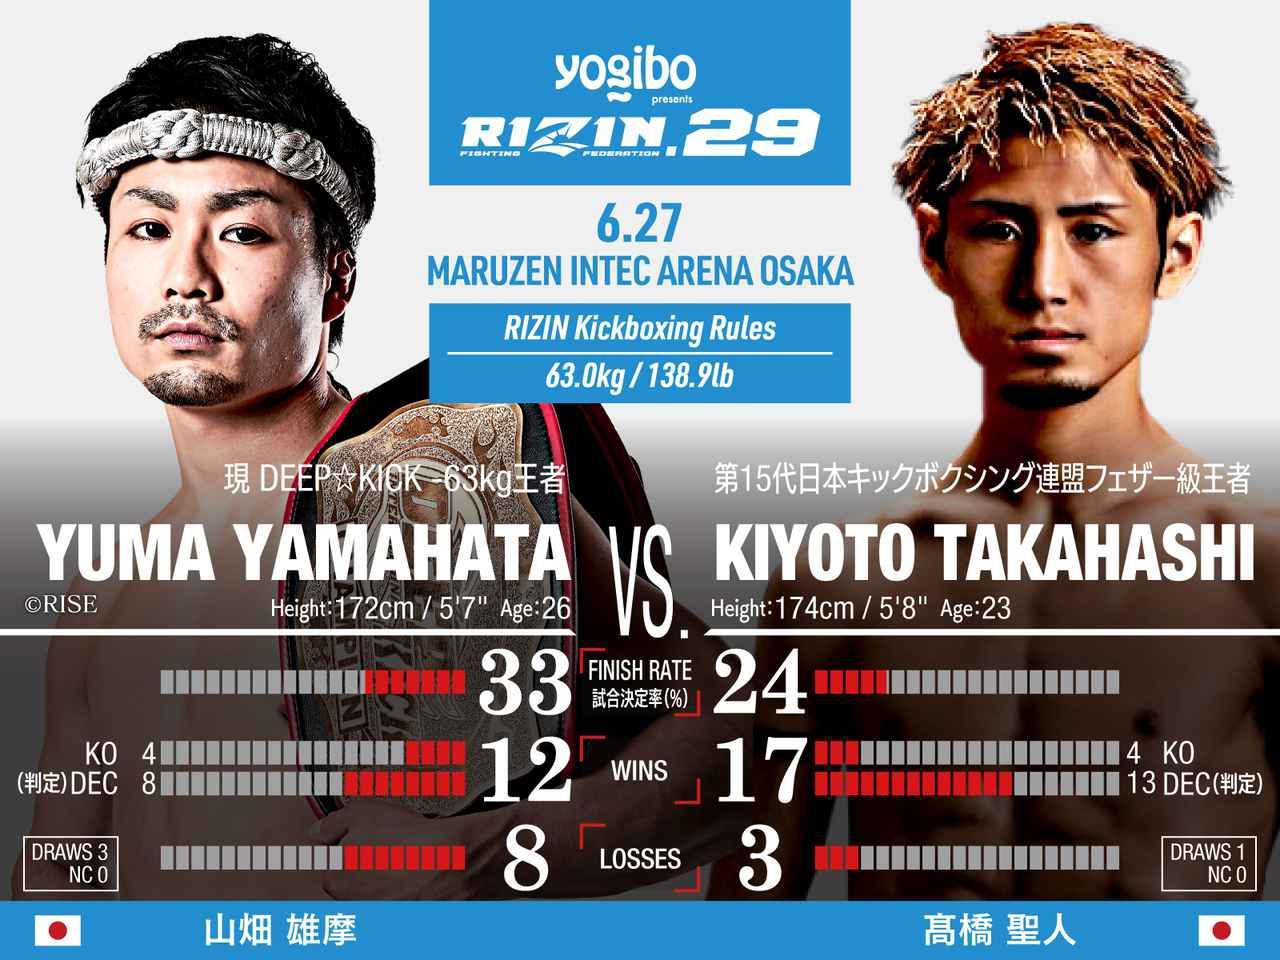 画像: 第1試合 スペシャルワンマッチ/山畑雄摩 vs. 髙橋聖人